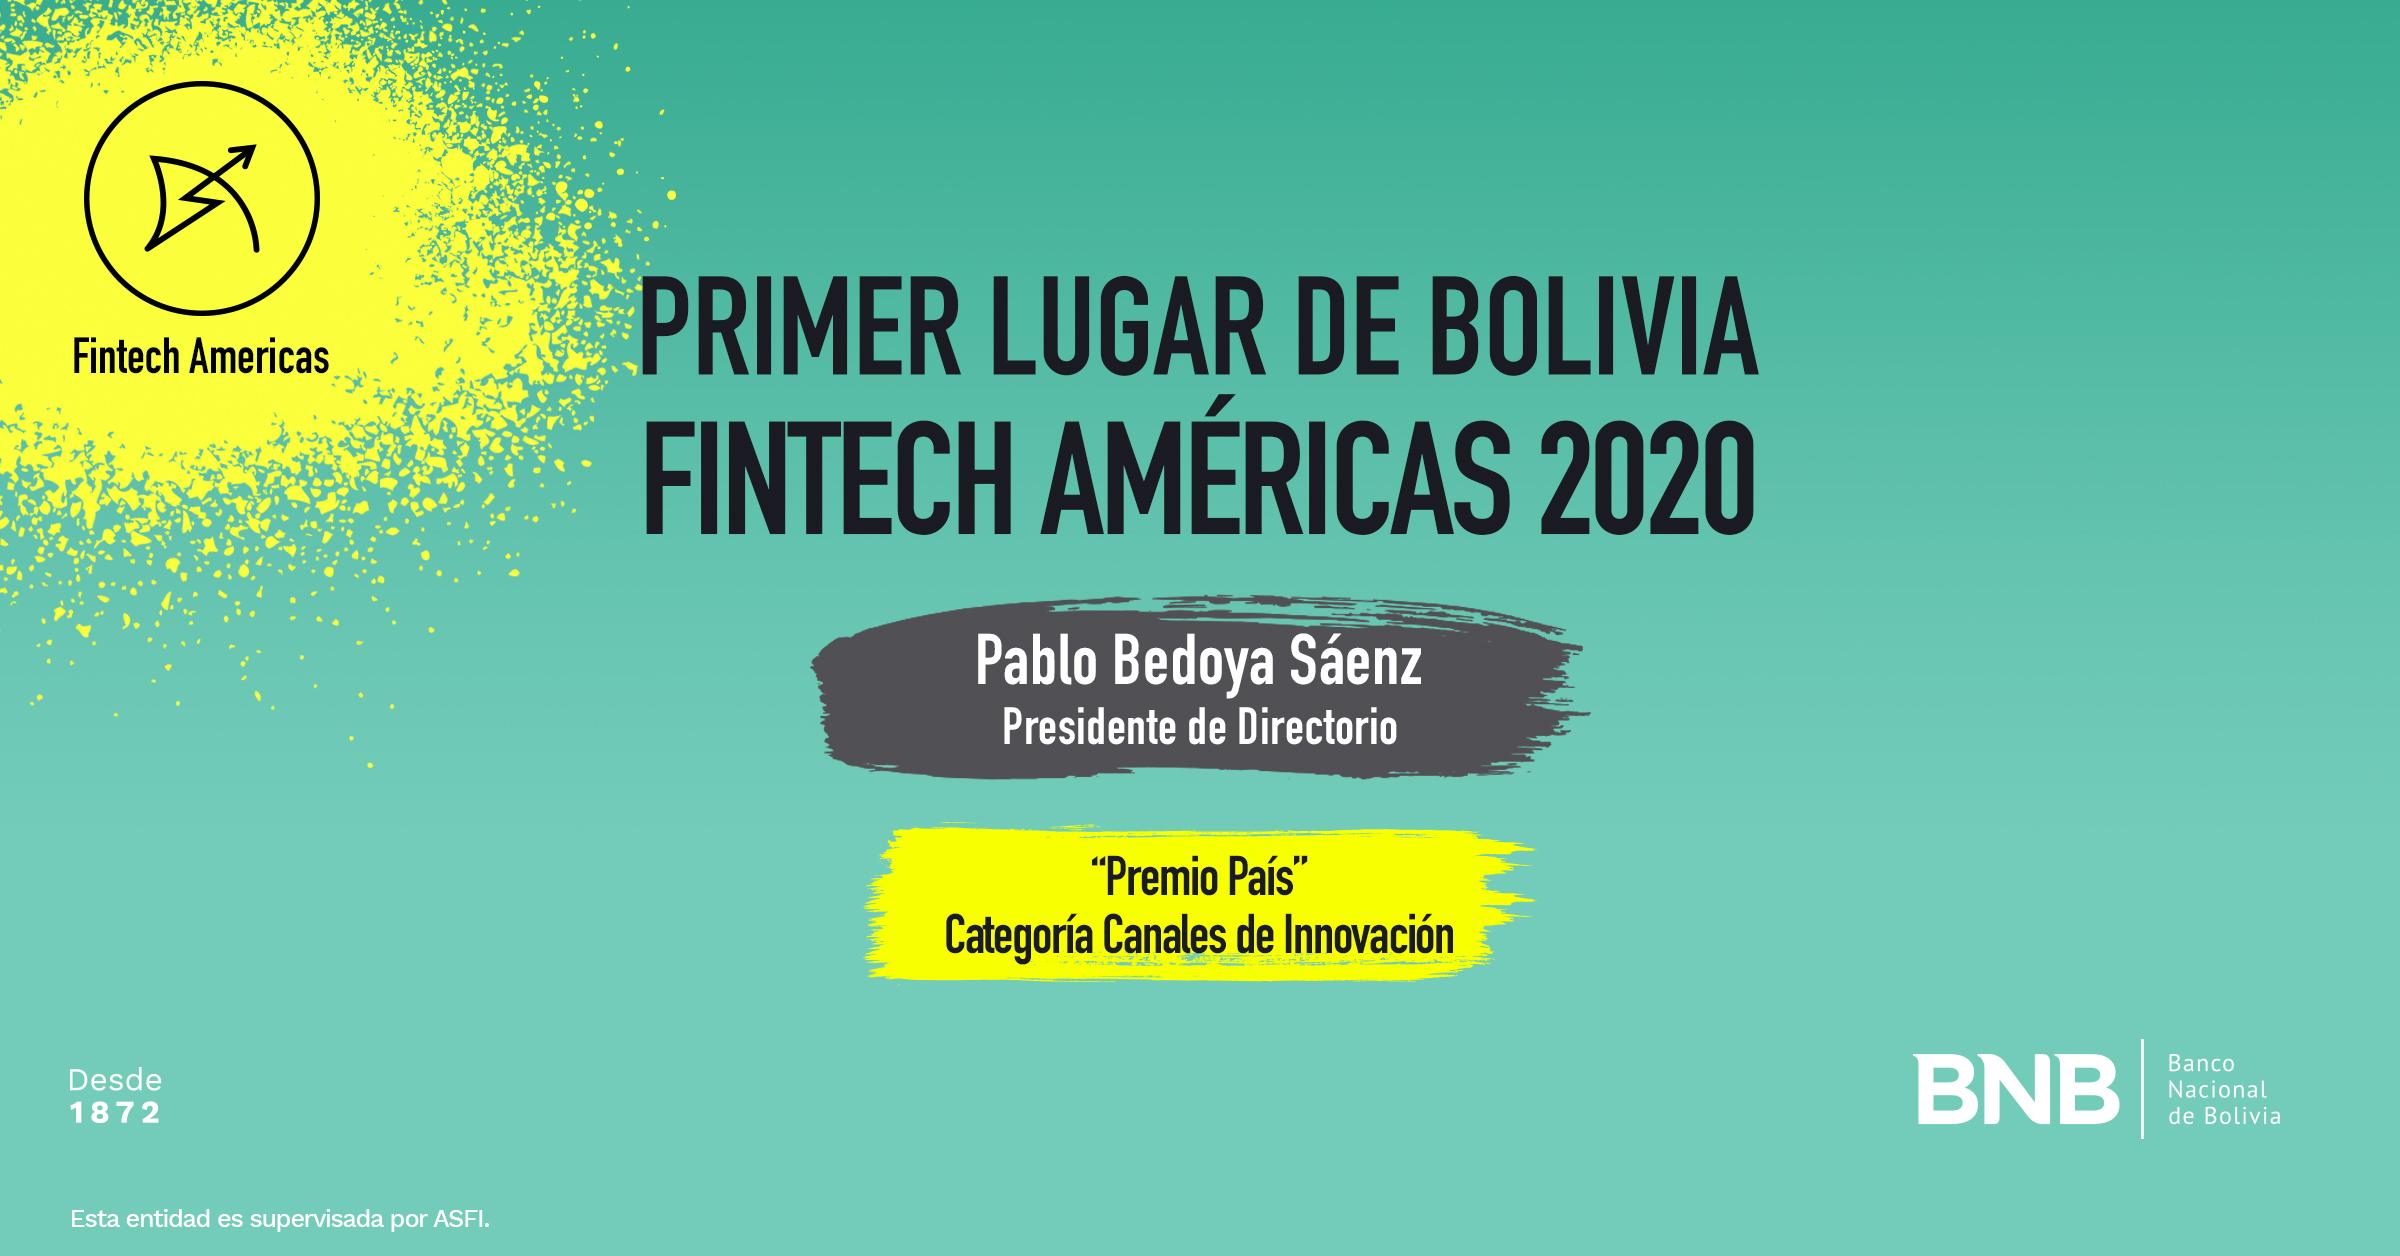 Pablo Bedoya, en nombre del BNB, recibe el primer lugar a los Innovadores Financieros en las Américas 2020.